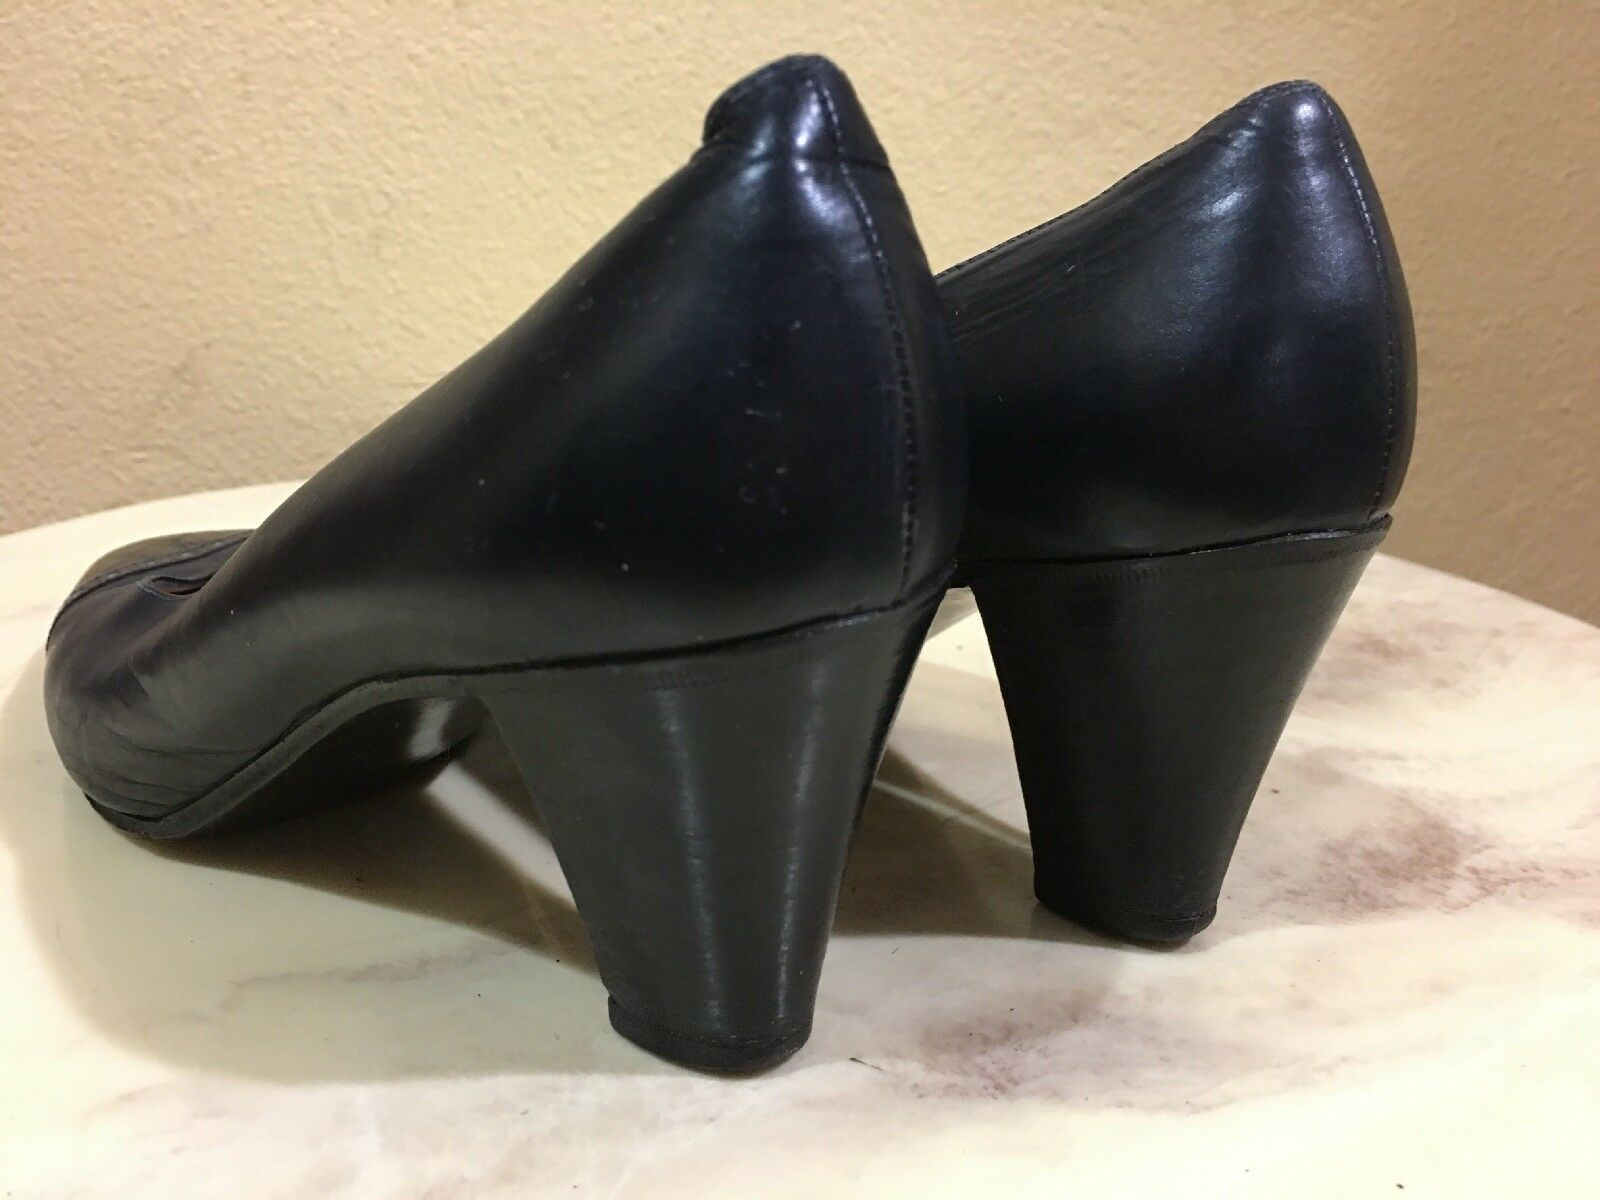 Celine Azul Negro Negro Negro De Cuero De Cocodrilo Para Mujer Zapatos De Salón EU 35-UK 2.5 - US 5 36d494